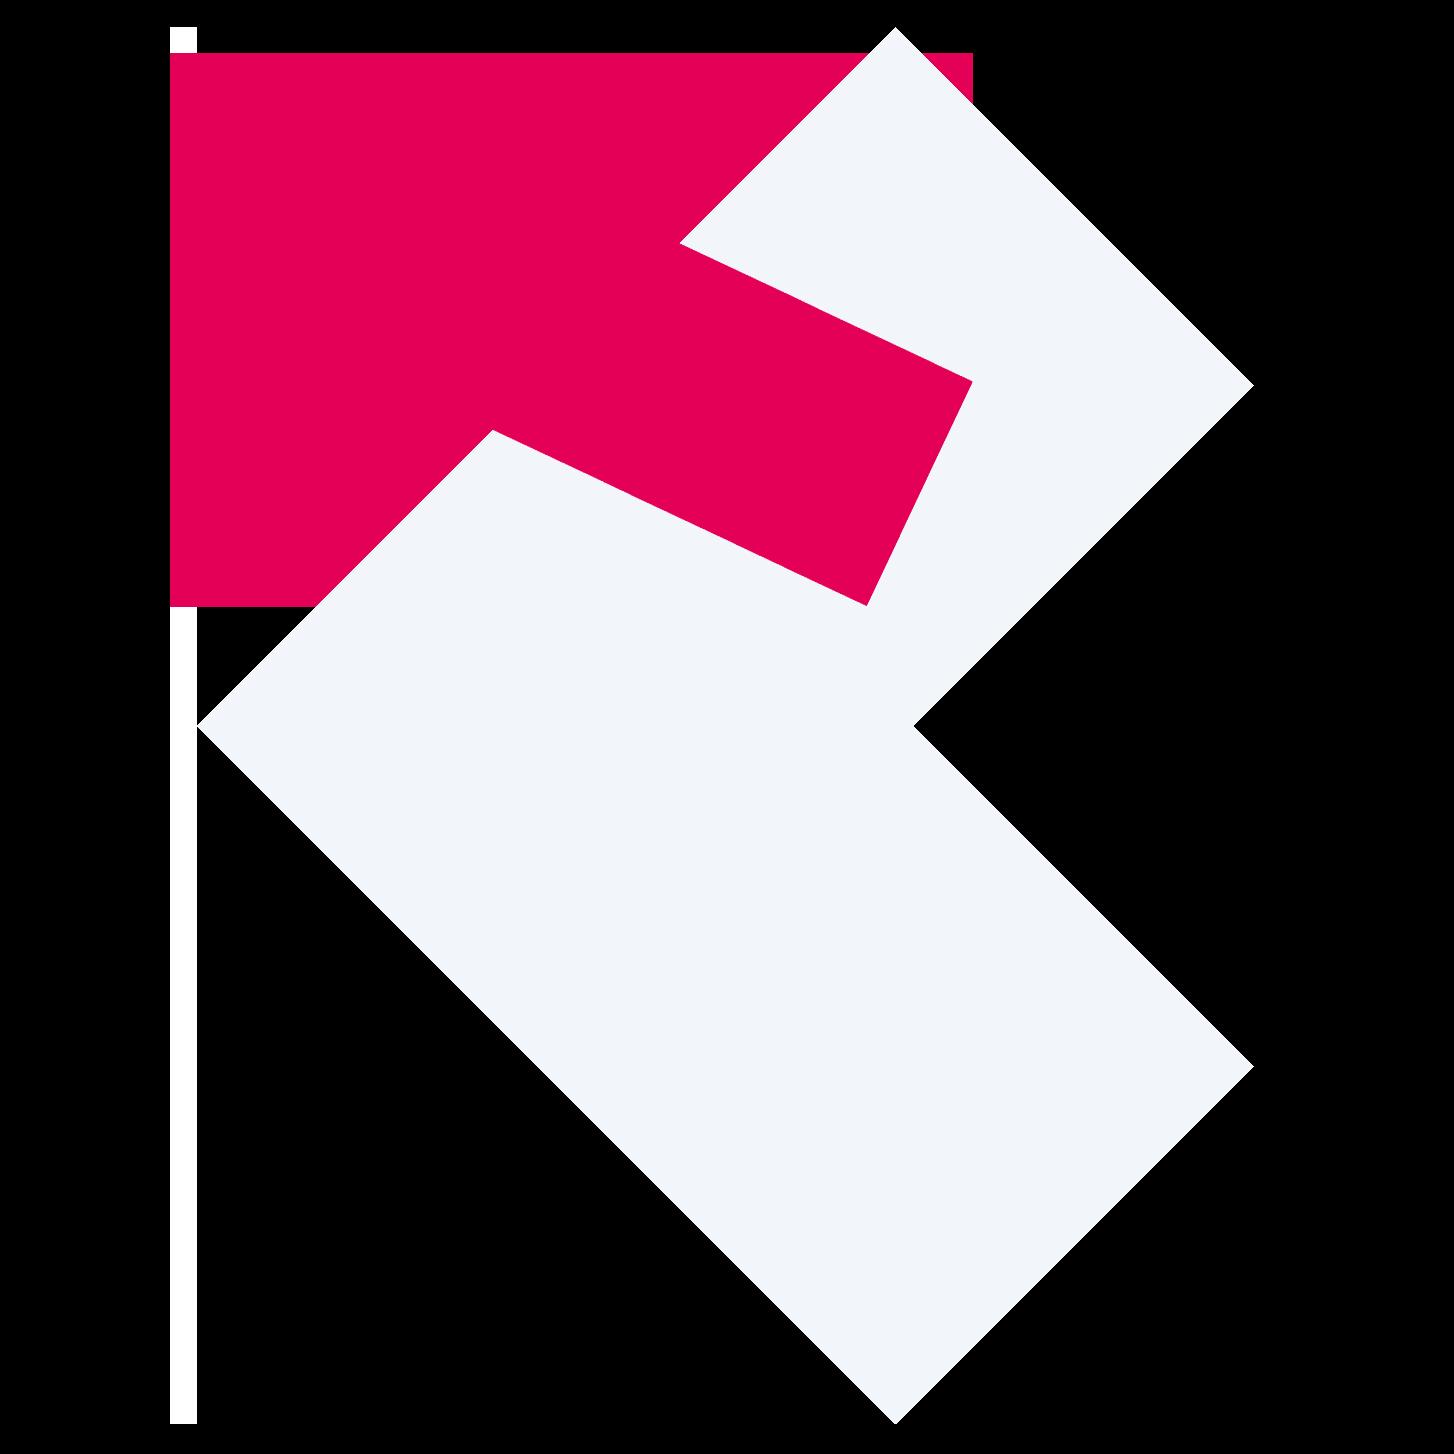 Manifesto-shapes grey-change